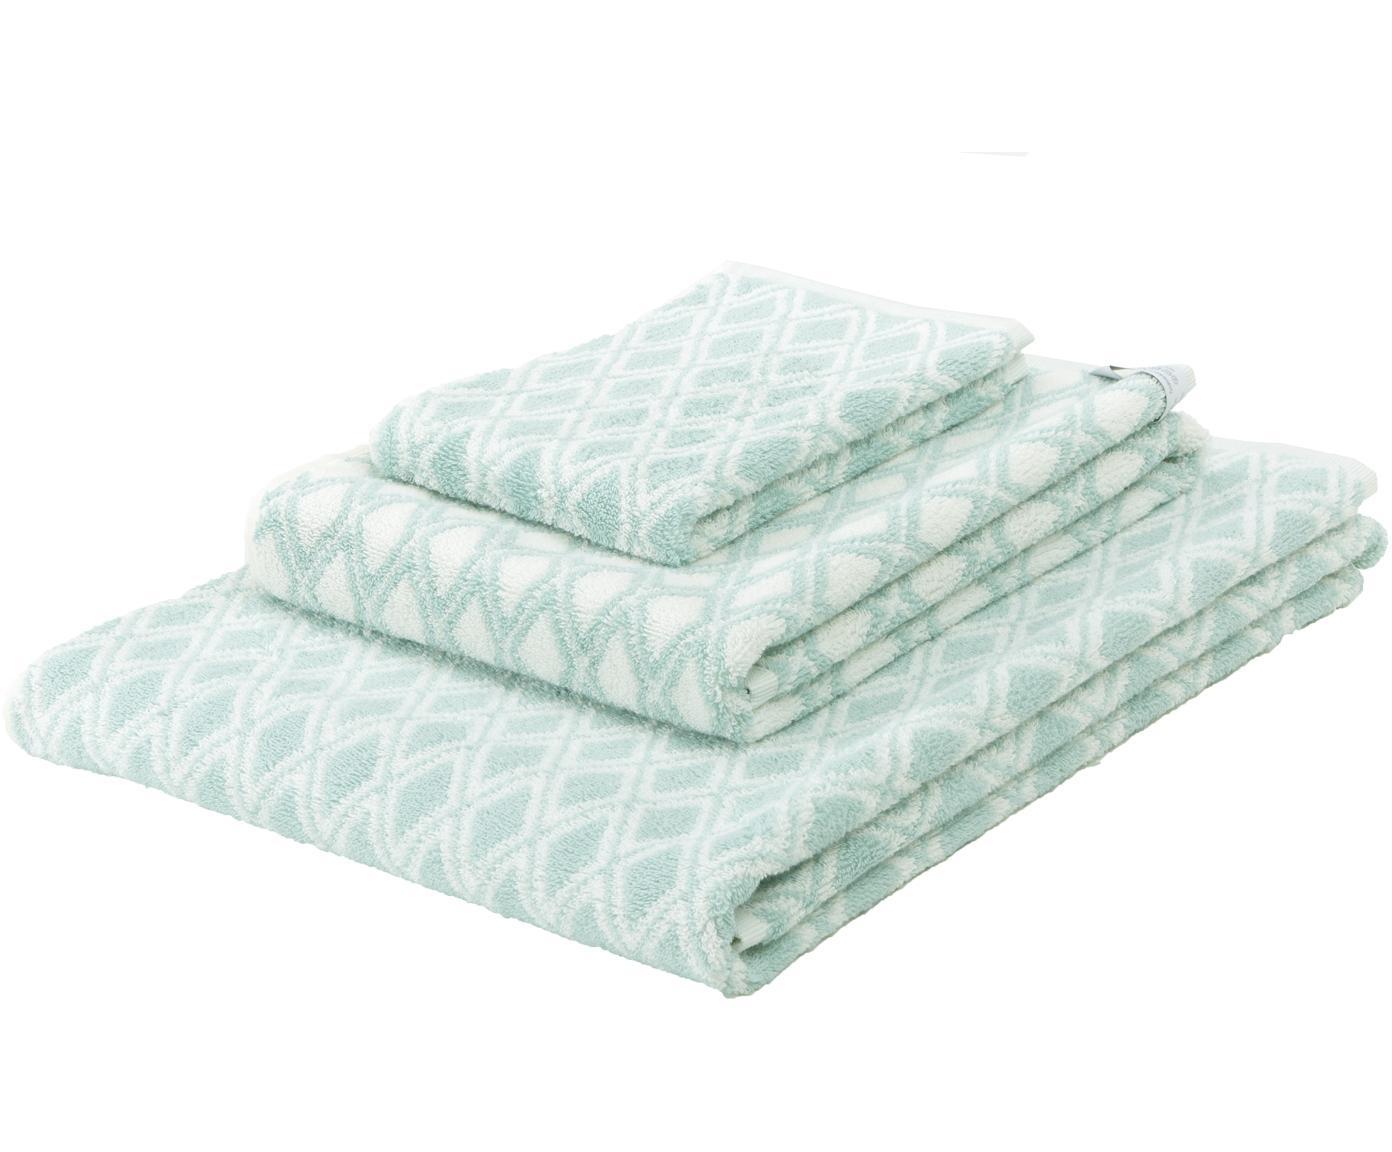 Set de toallas, caras distintas Ava, 3pzas., Verde menta, blanco crema, Tamaños diferentes